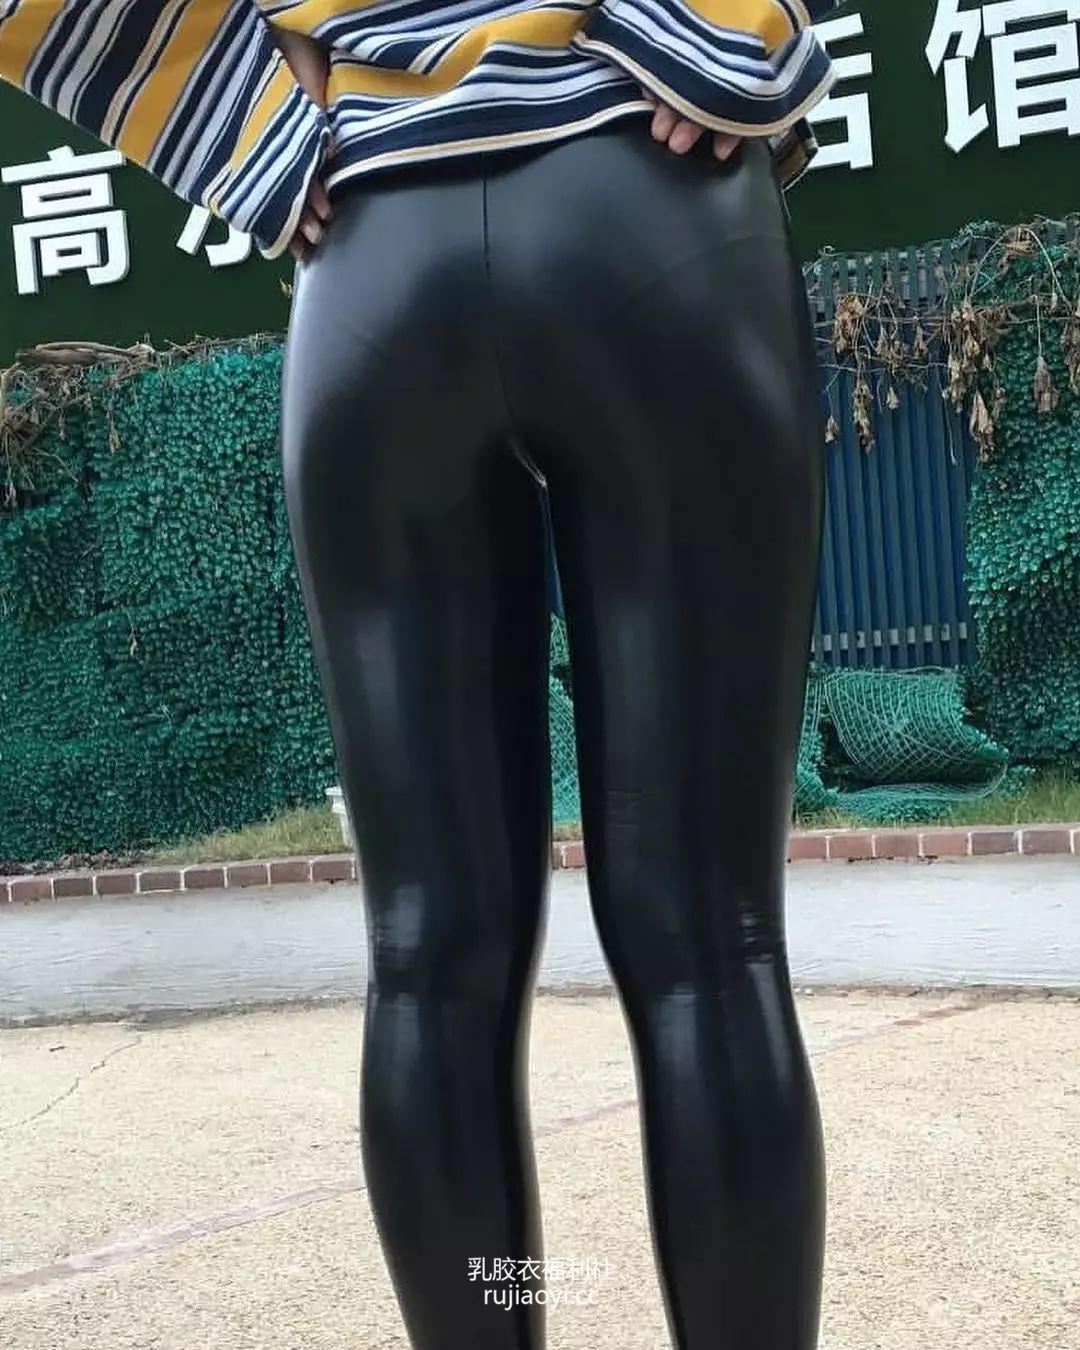 [免费资源] NO.007 皮裤美腿公园